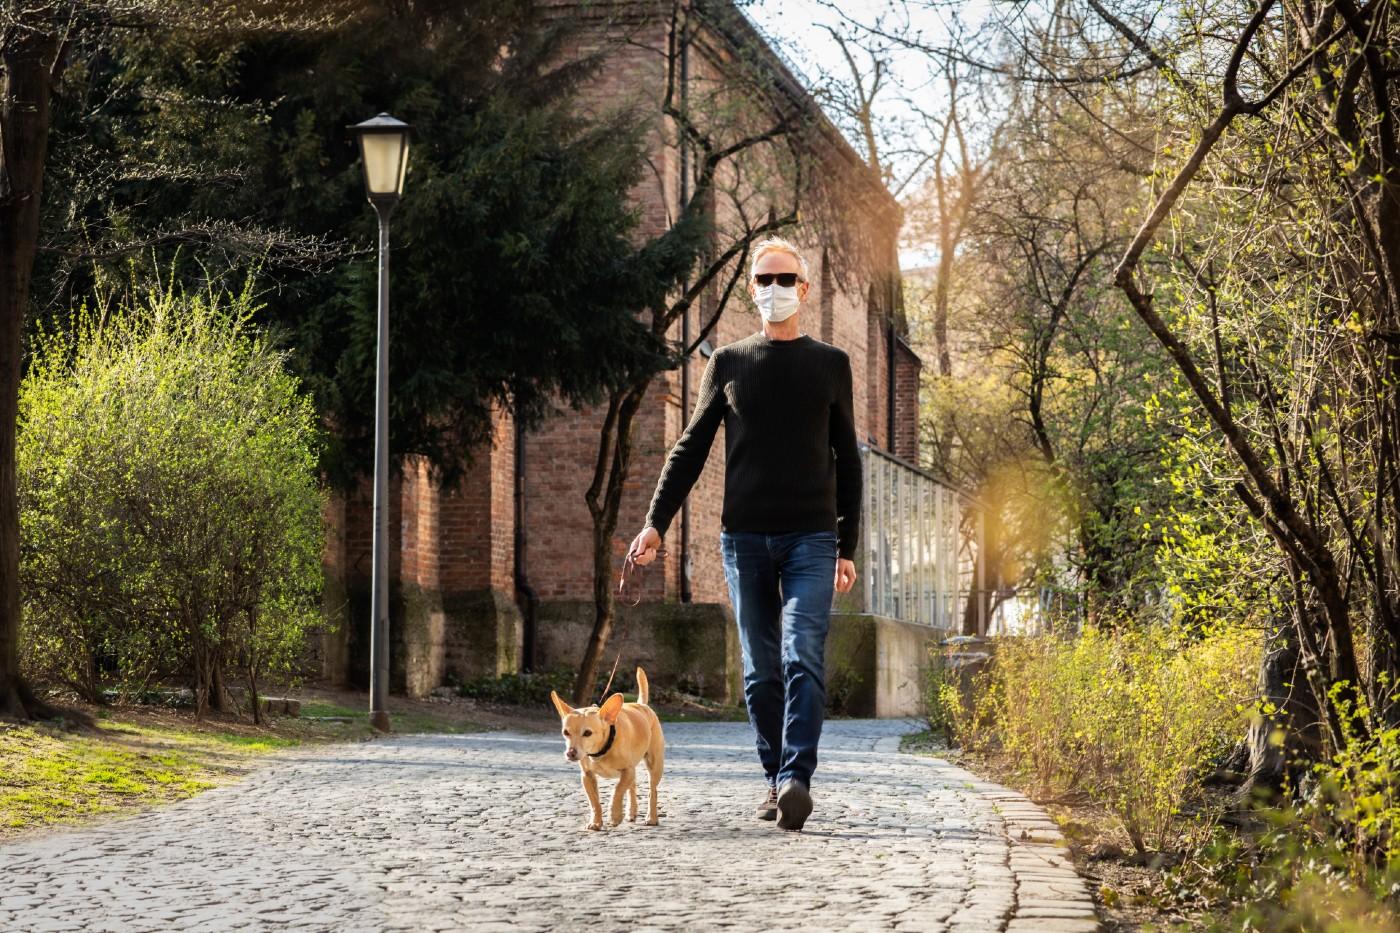 dog walker and mask